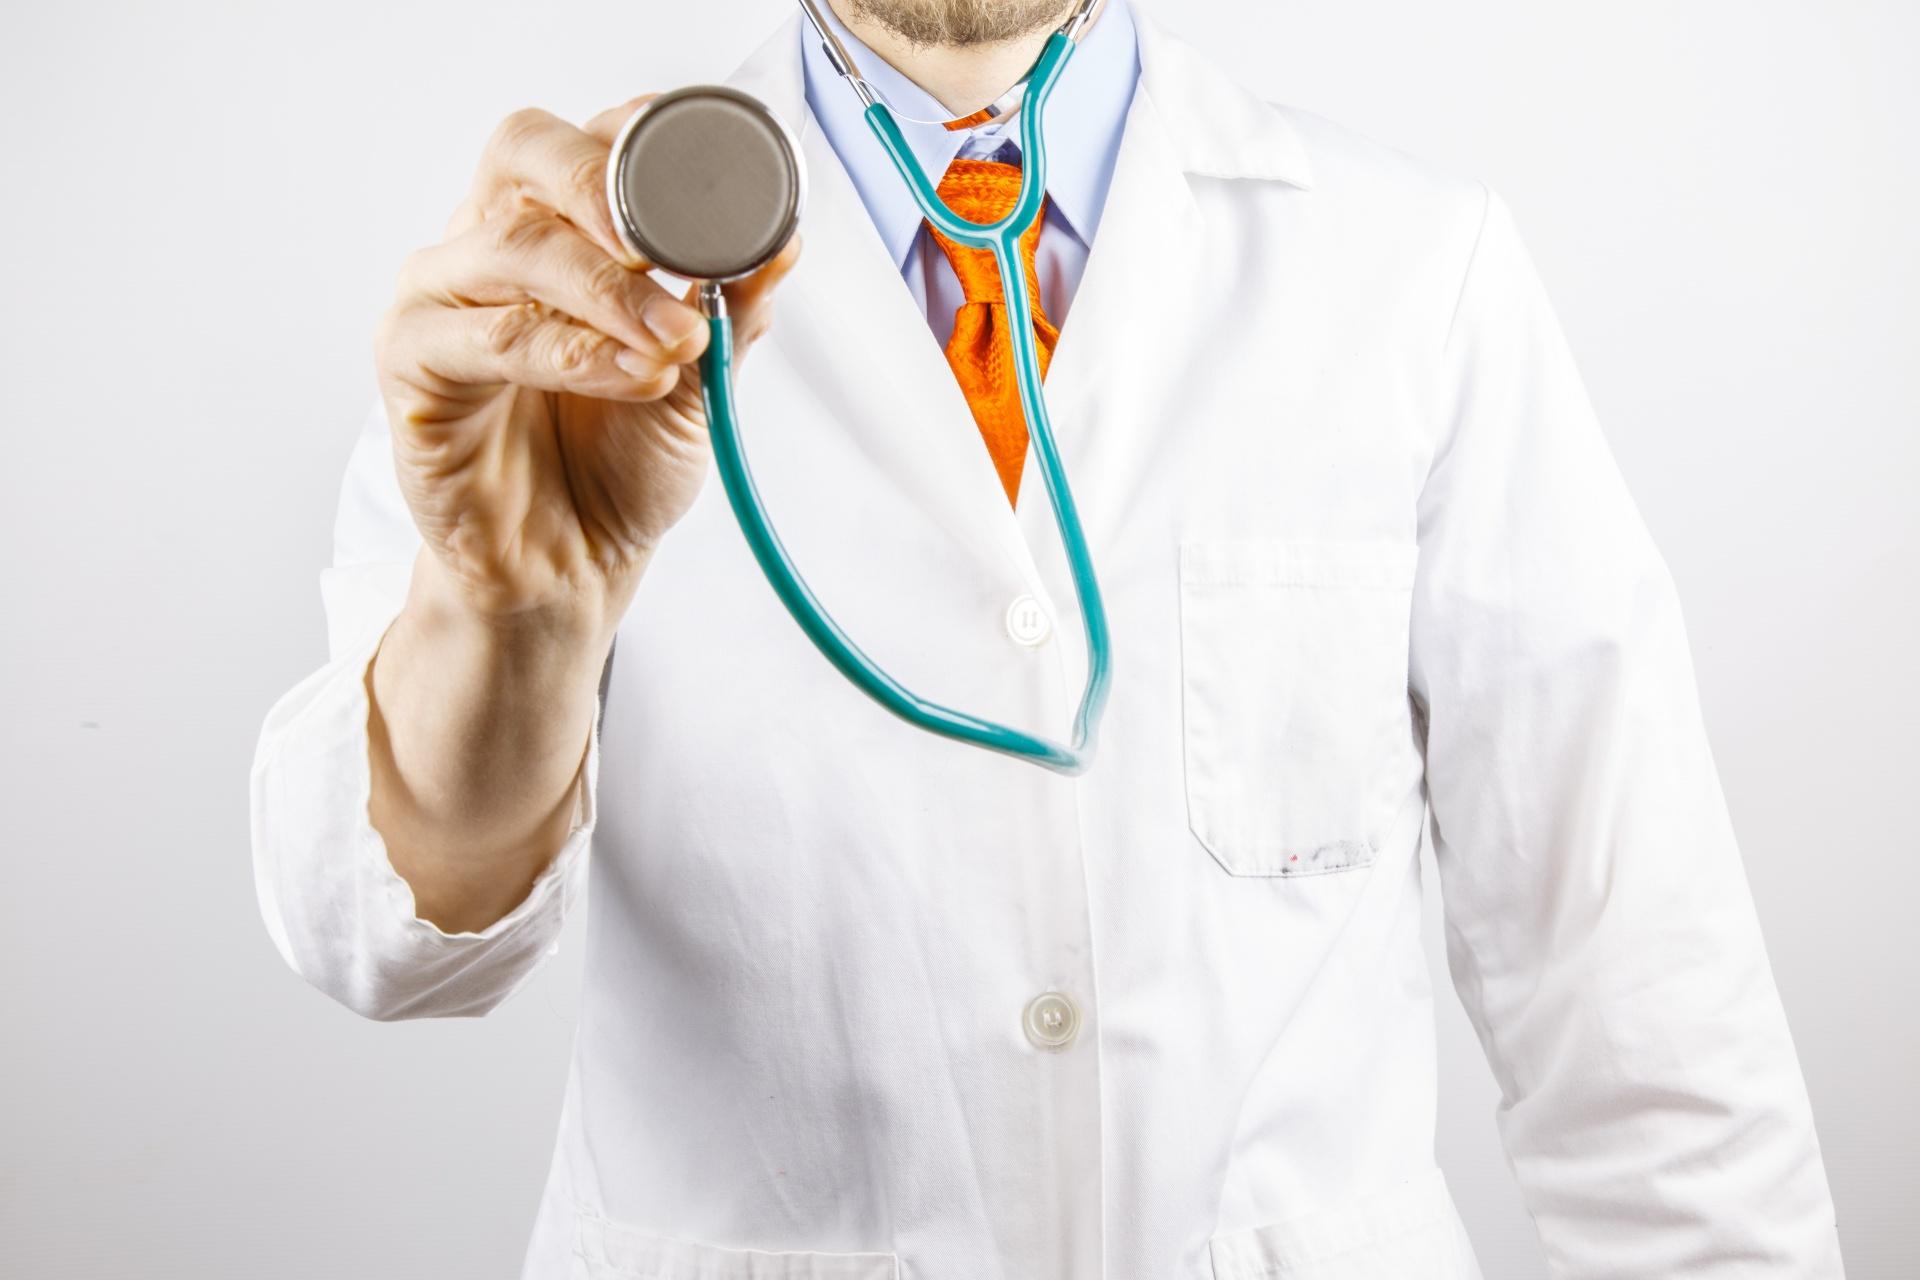 doctor, medical